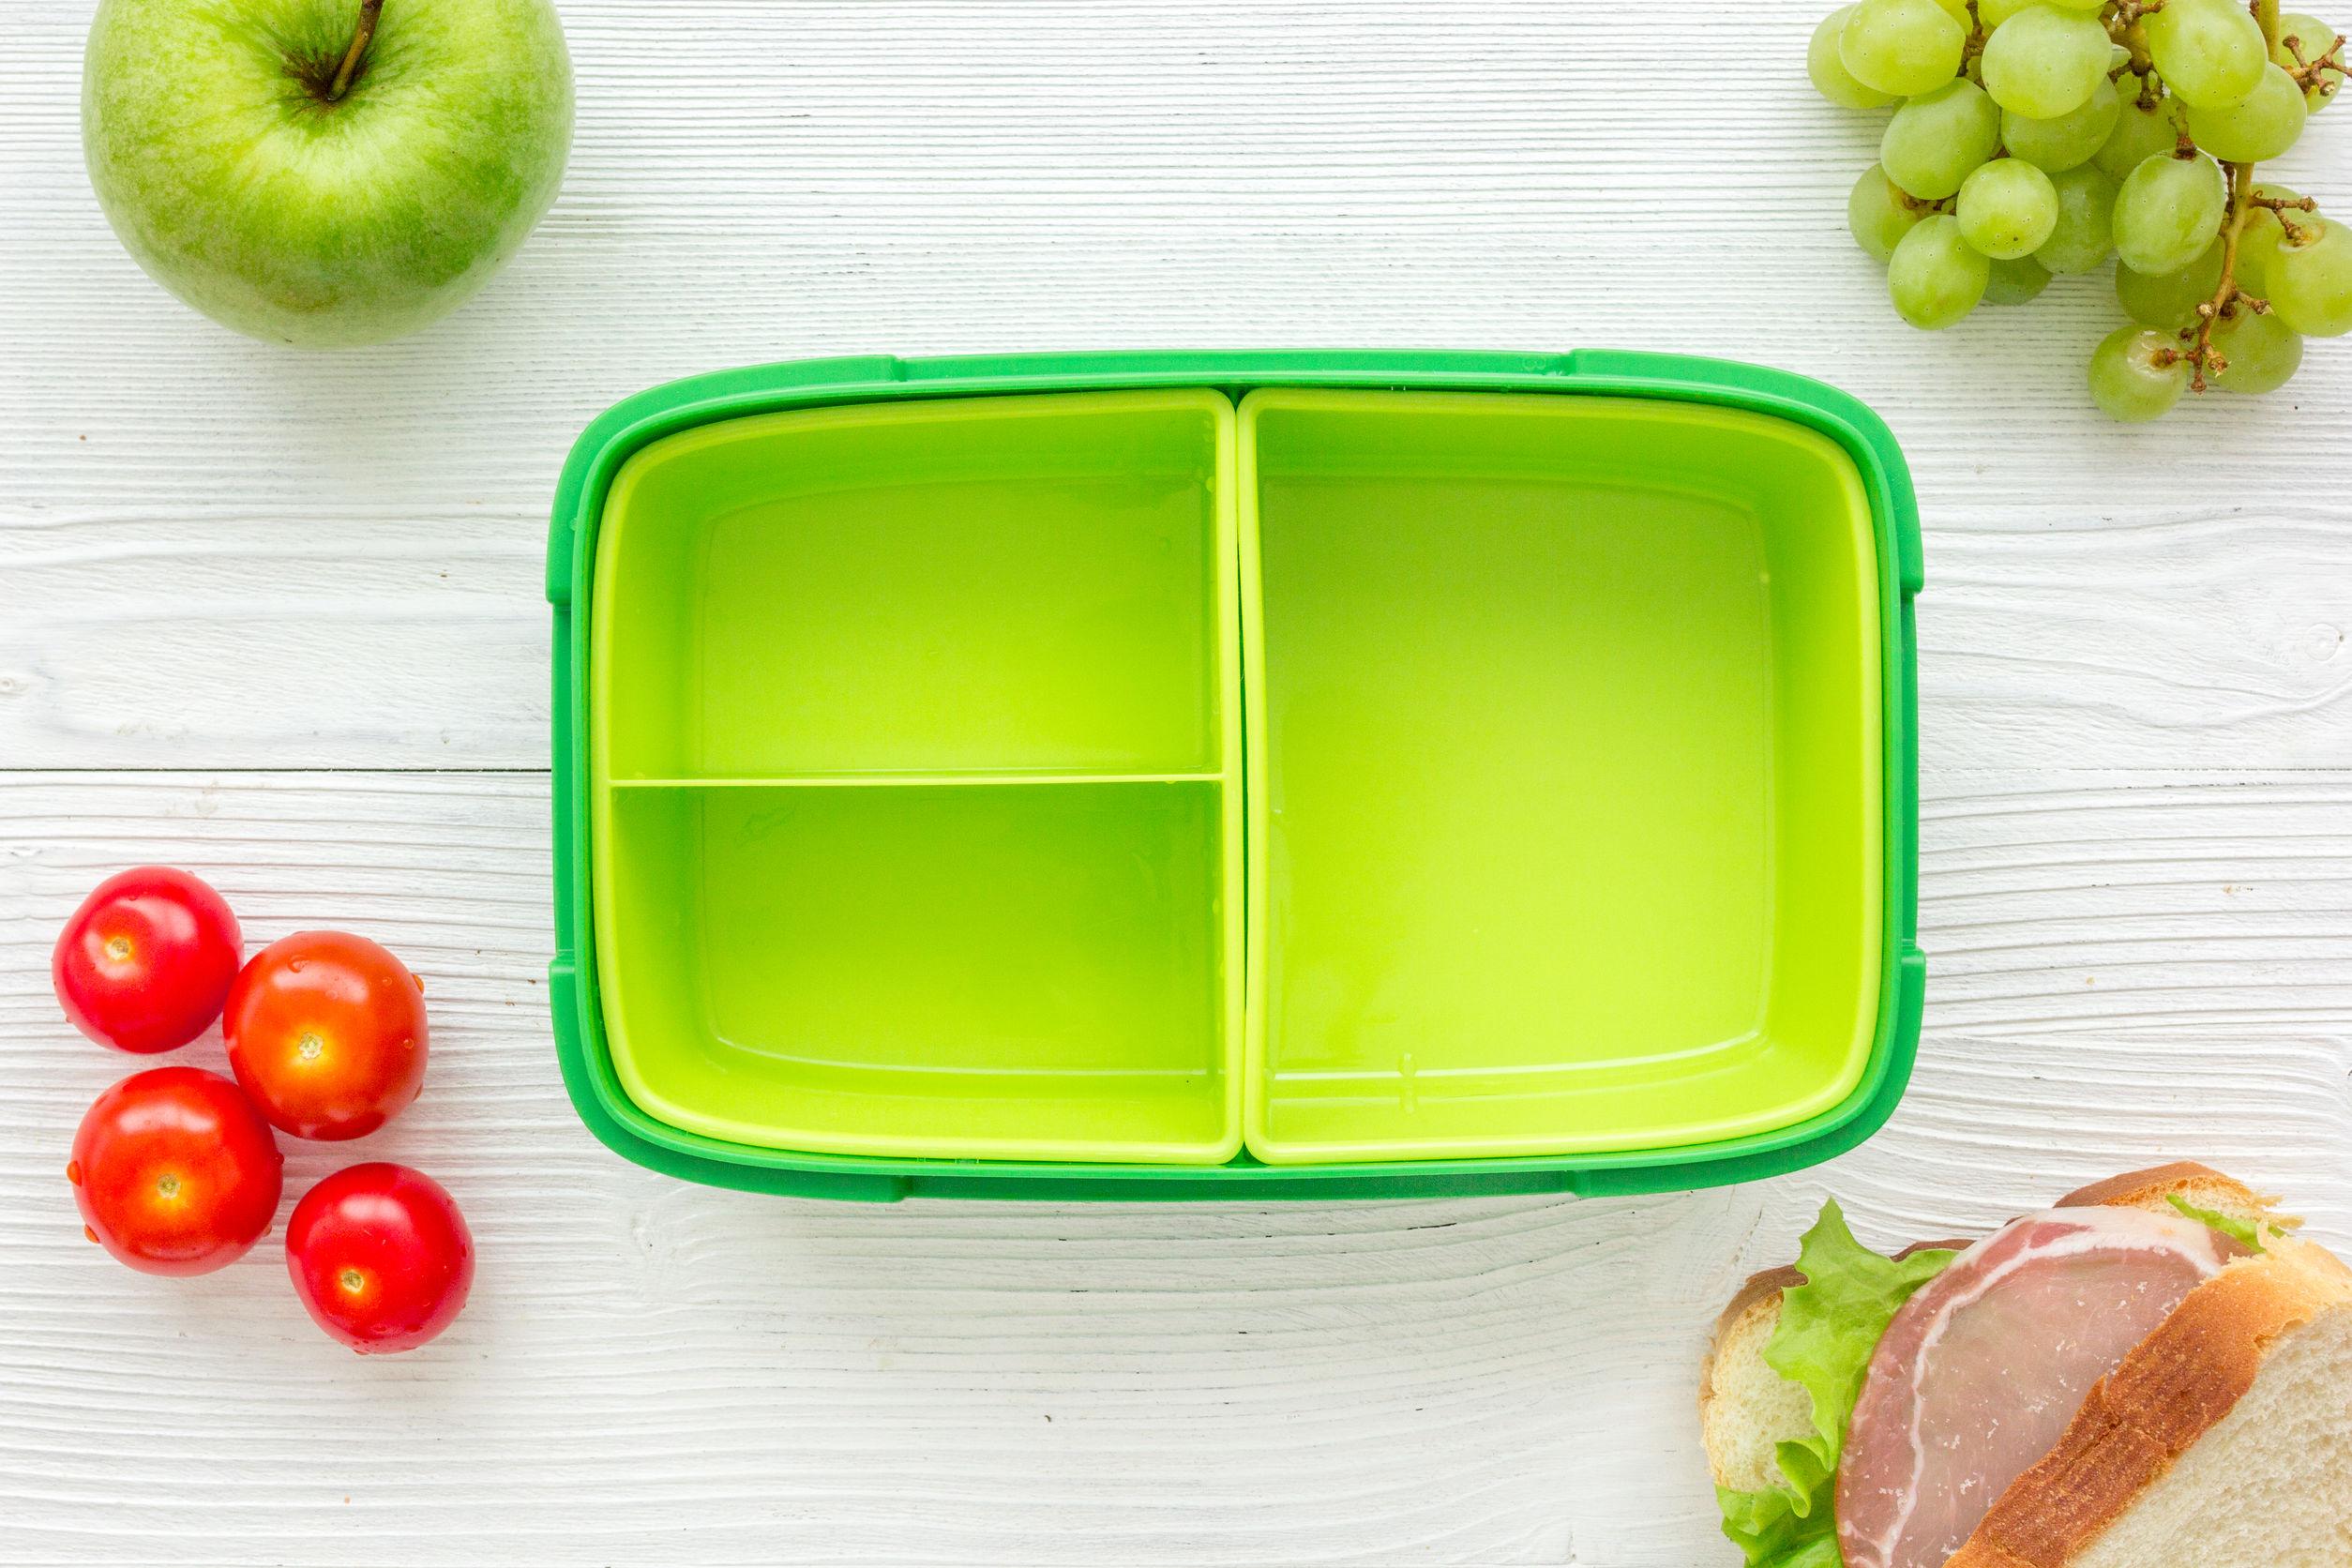 Un contenedor de comida de color verde